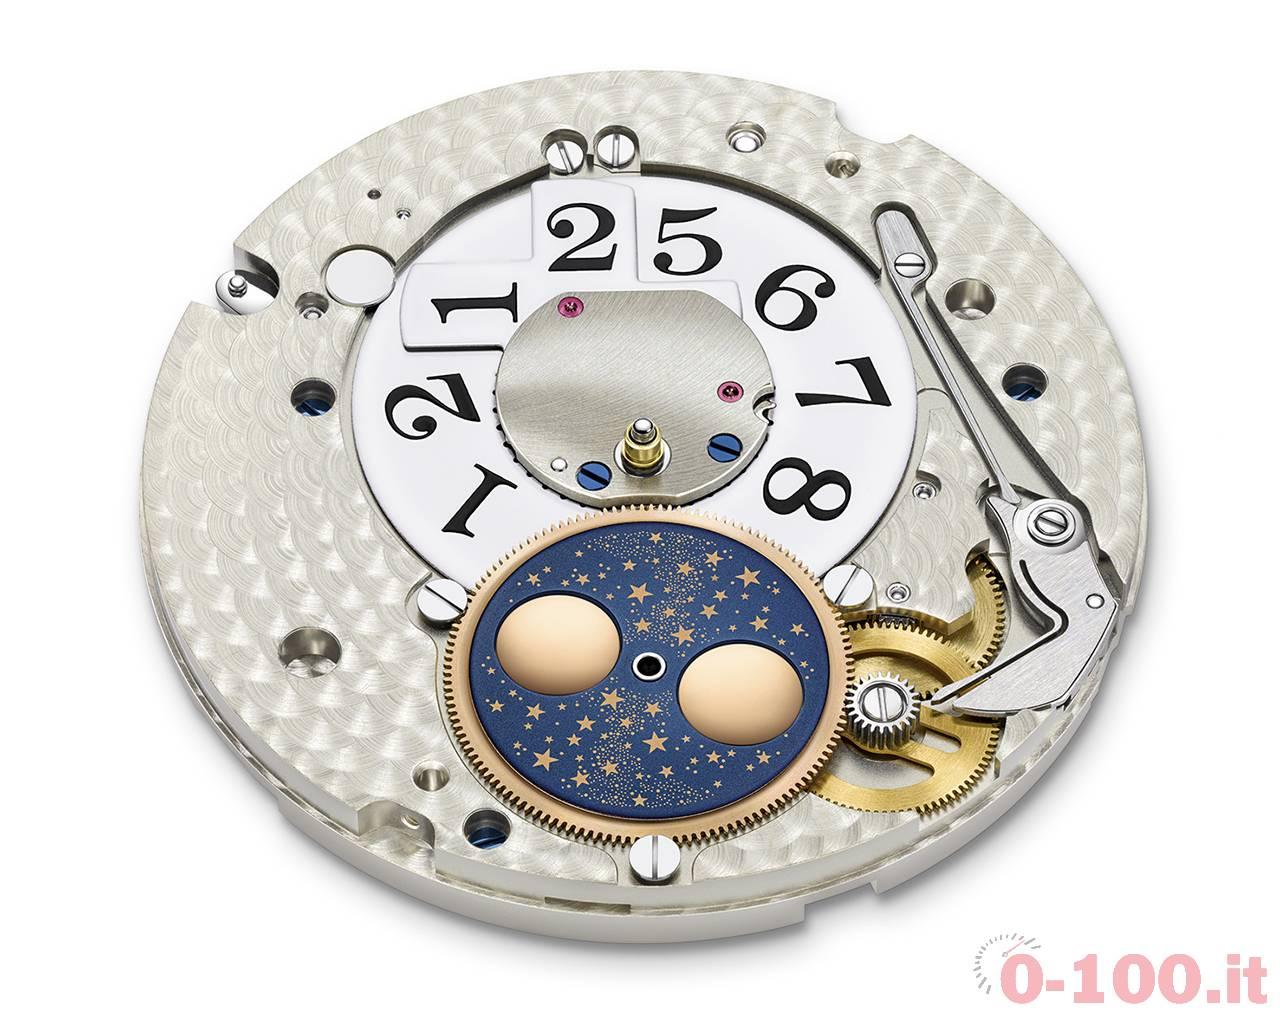 a-lange-sohne-saxonia-con-fase-lunare-e-grande-data-ref-384-026-384-032-prezzo-price_0-1007